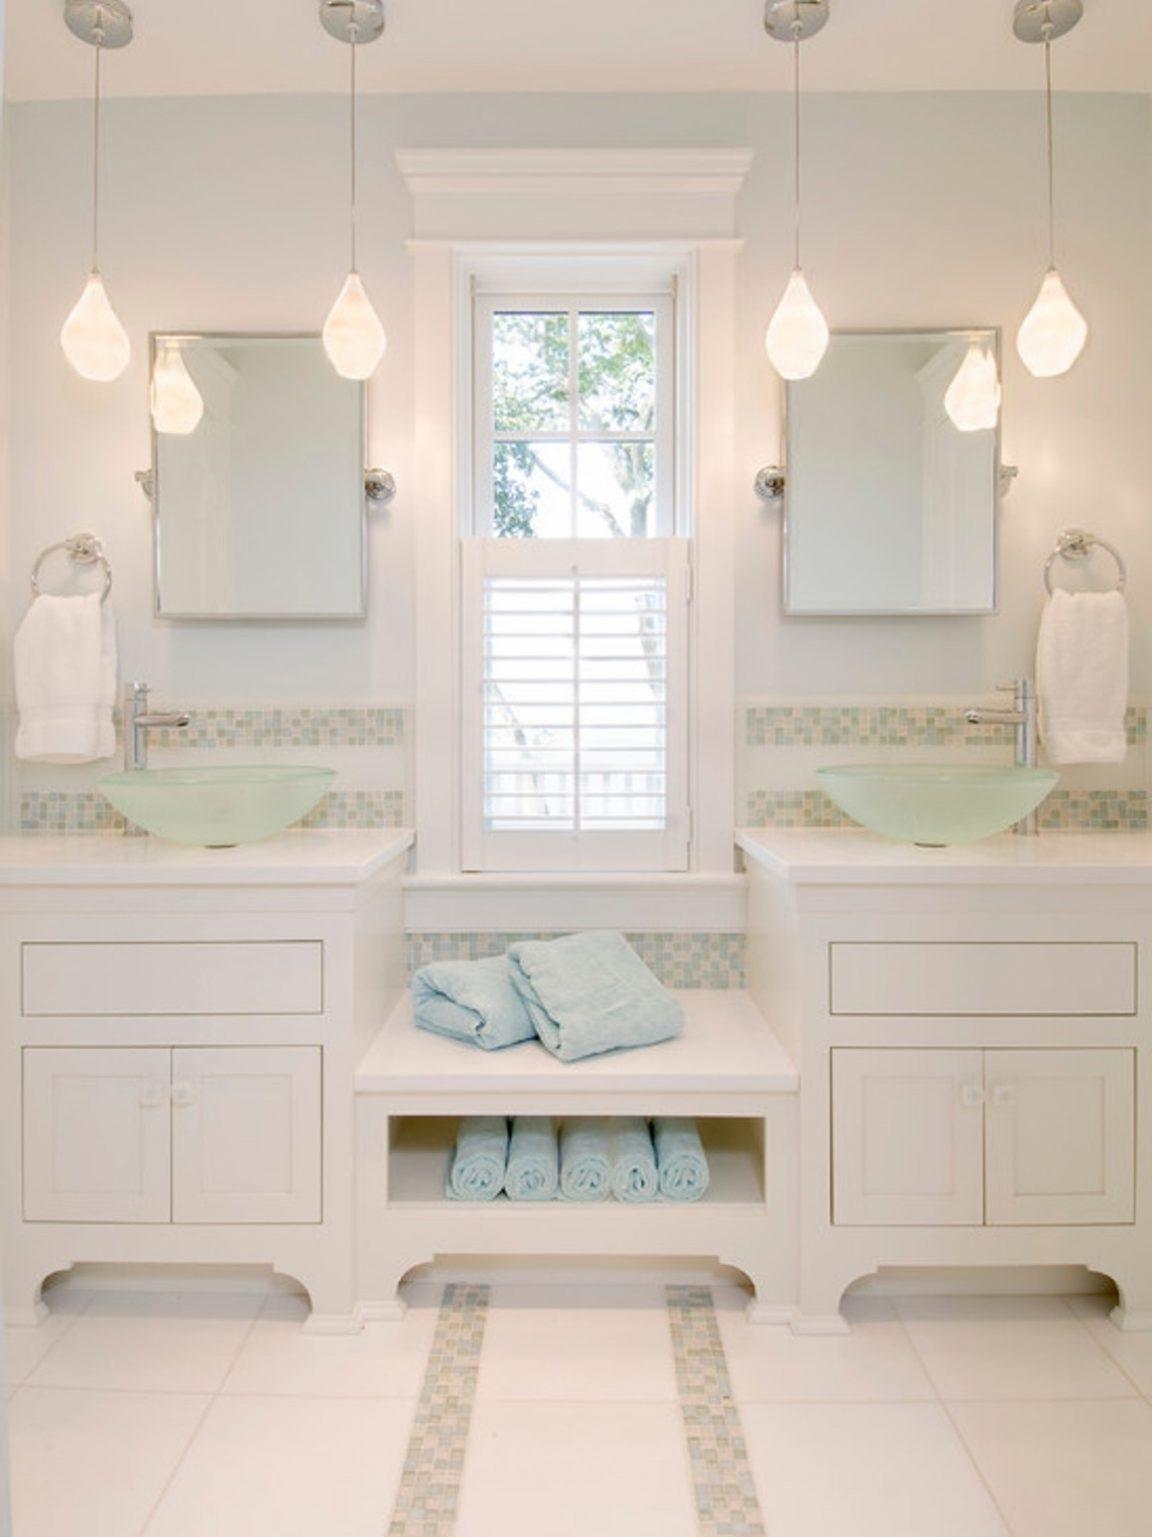 Chandelieremporary Vanity Lights Light Fixture Bathroom Lighting In Most Up To Date Chandelier Bathroom Vanity Lighting (View 12 of 20)